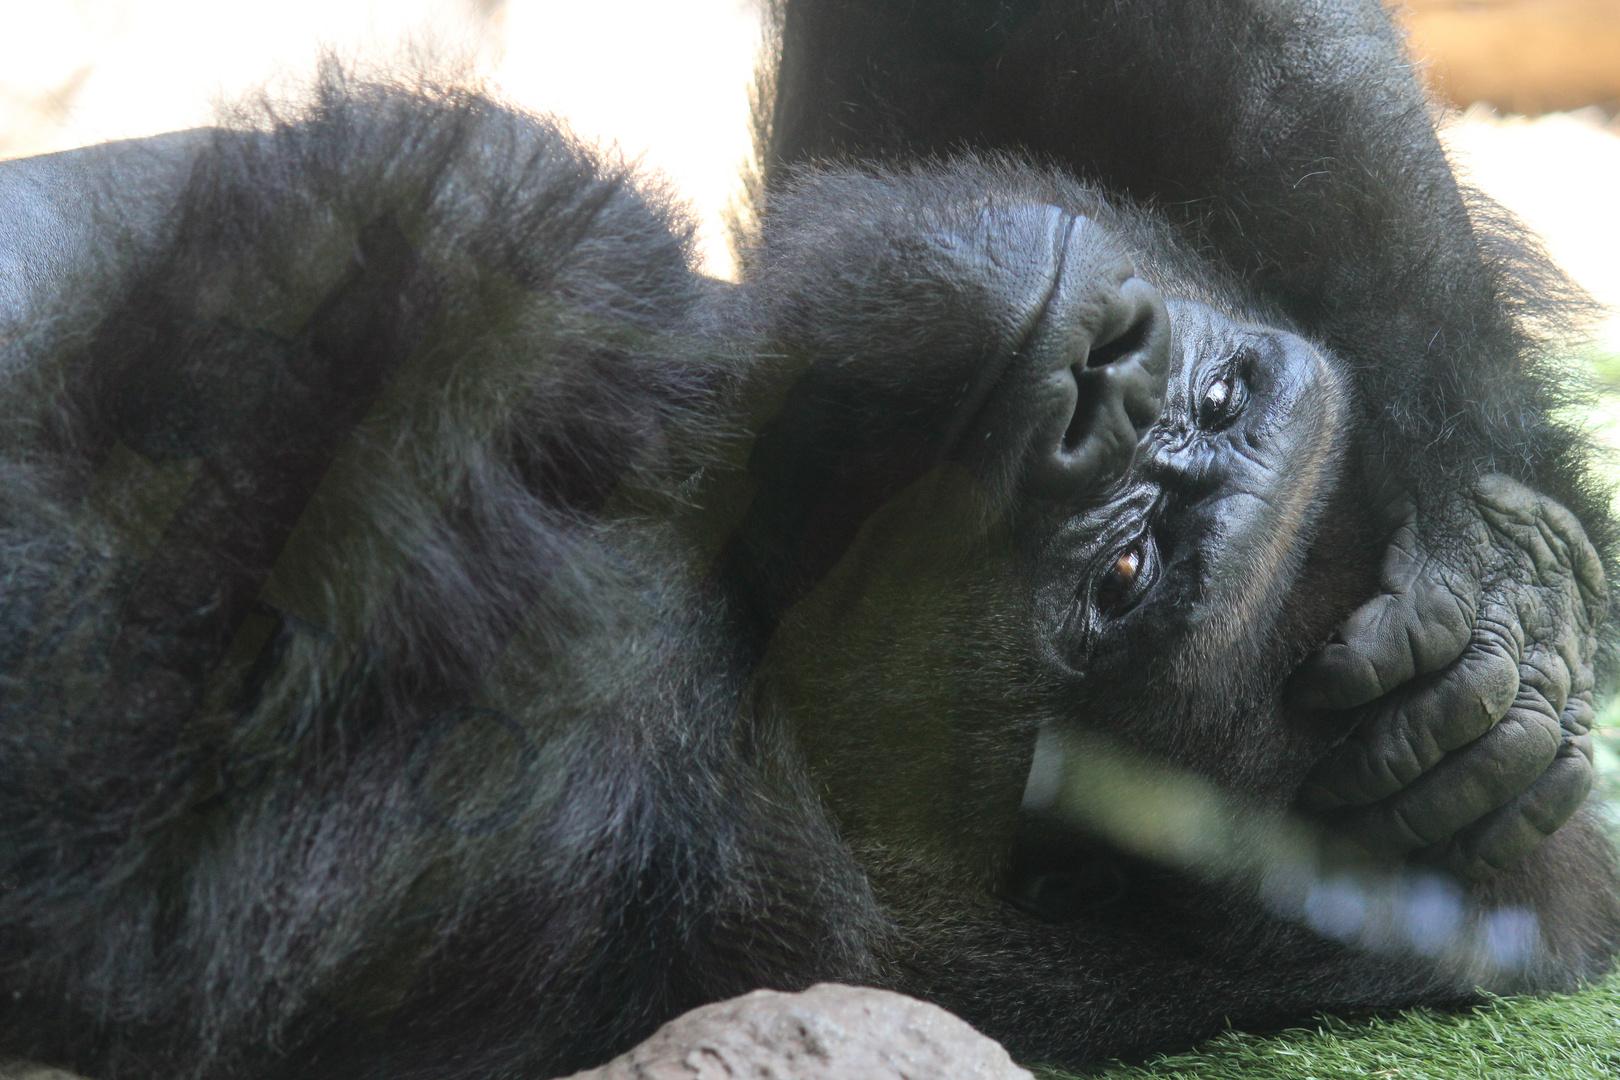 Gorilla in Pose